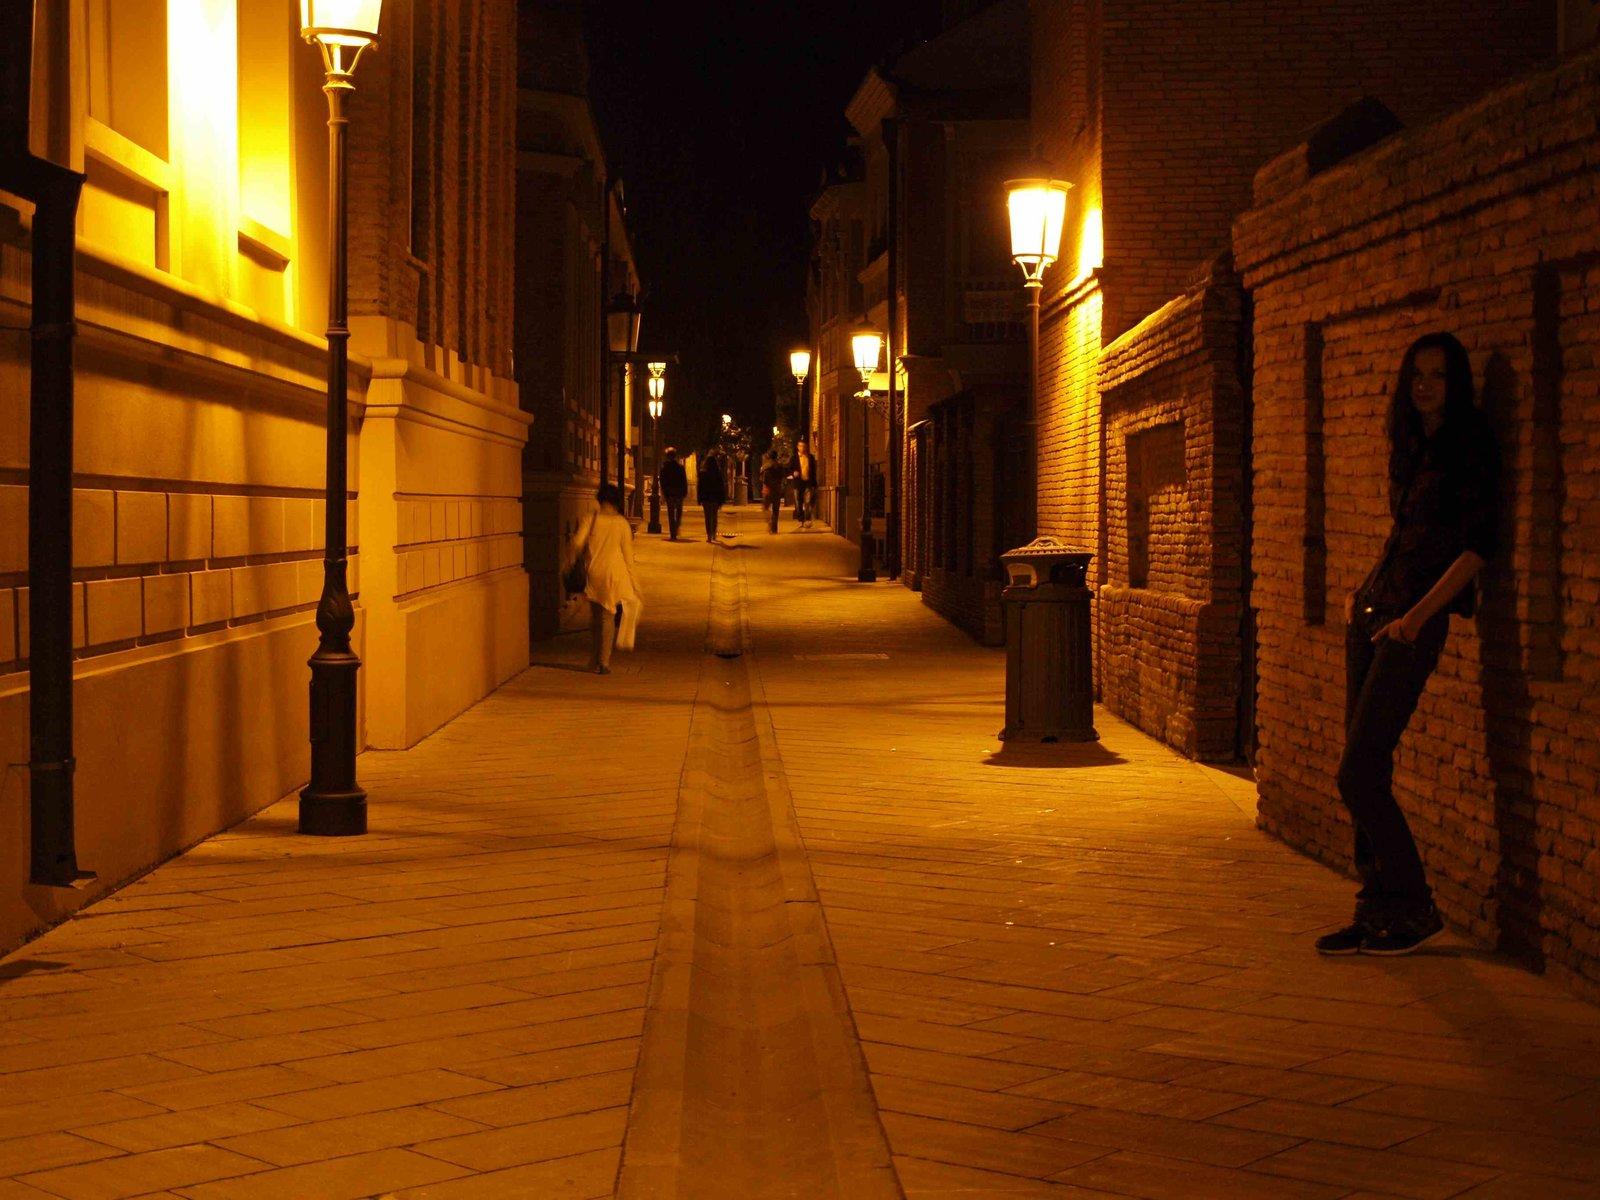 де подруги решили погулять голыми по ночному городу смотреть запись